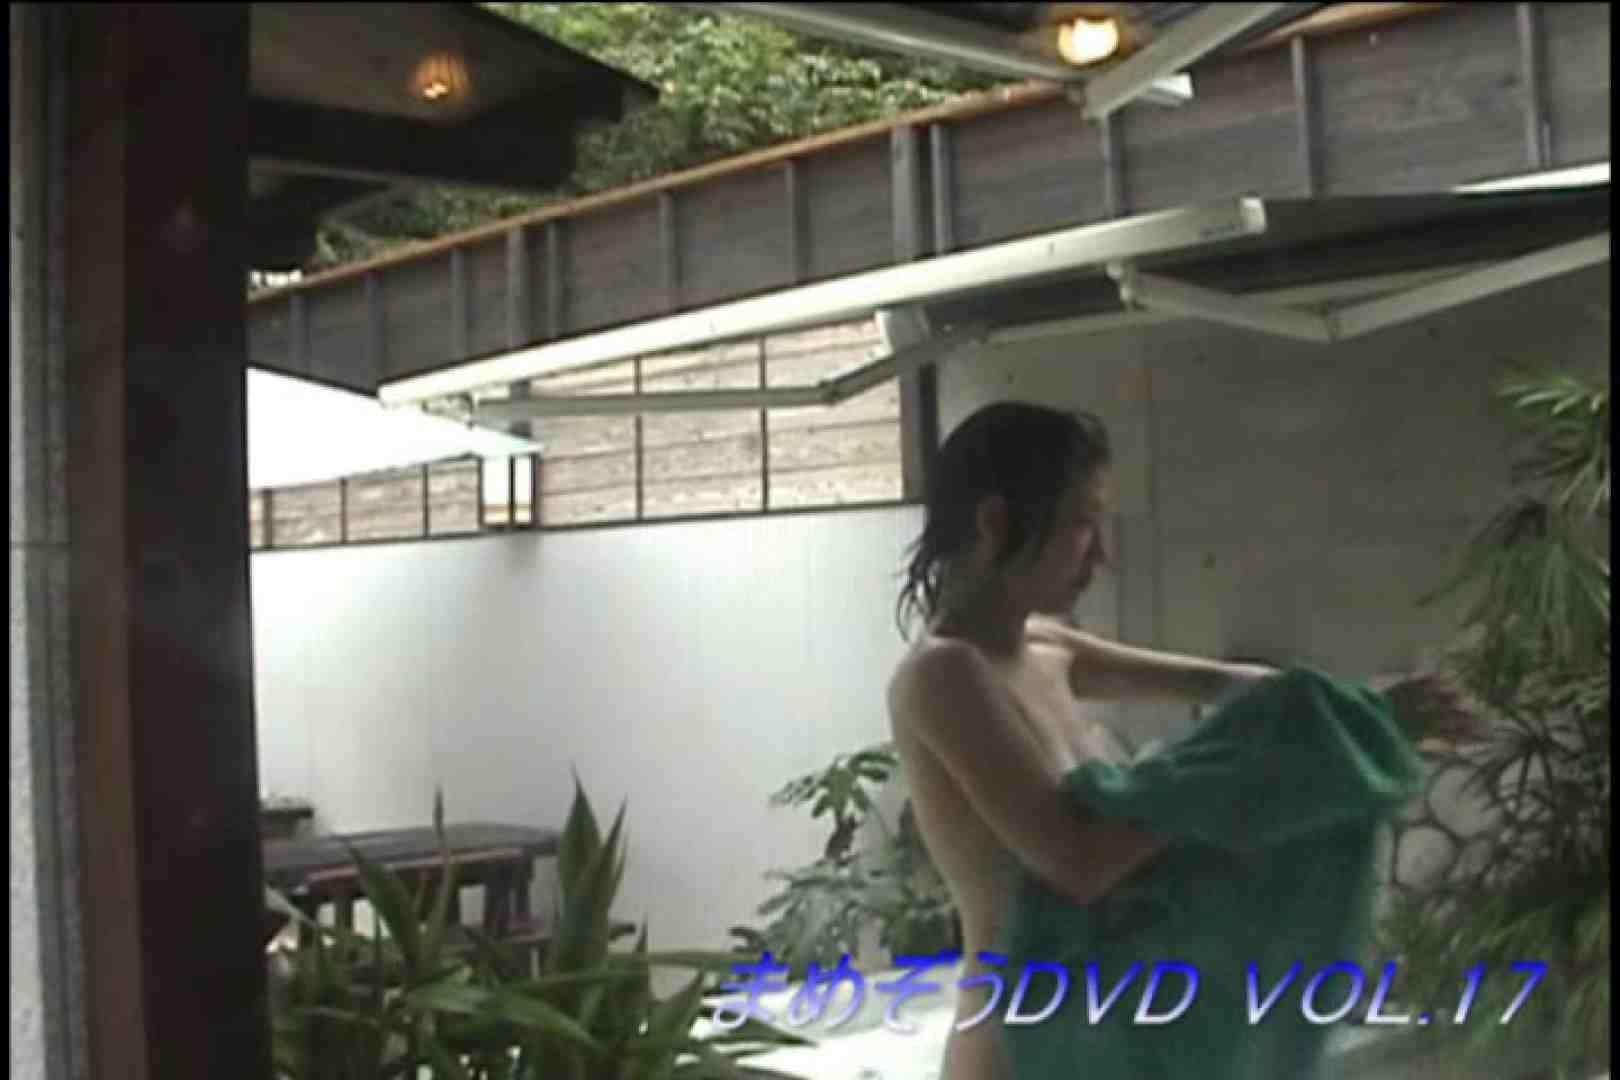 まめぞうDVD完全版VOL.17 洗面所 | ギャル攻め  94画像 59